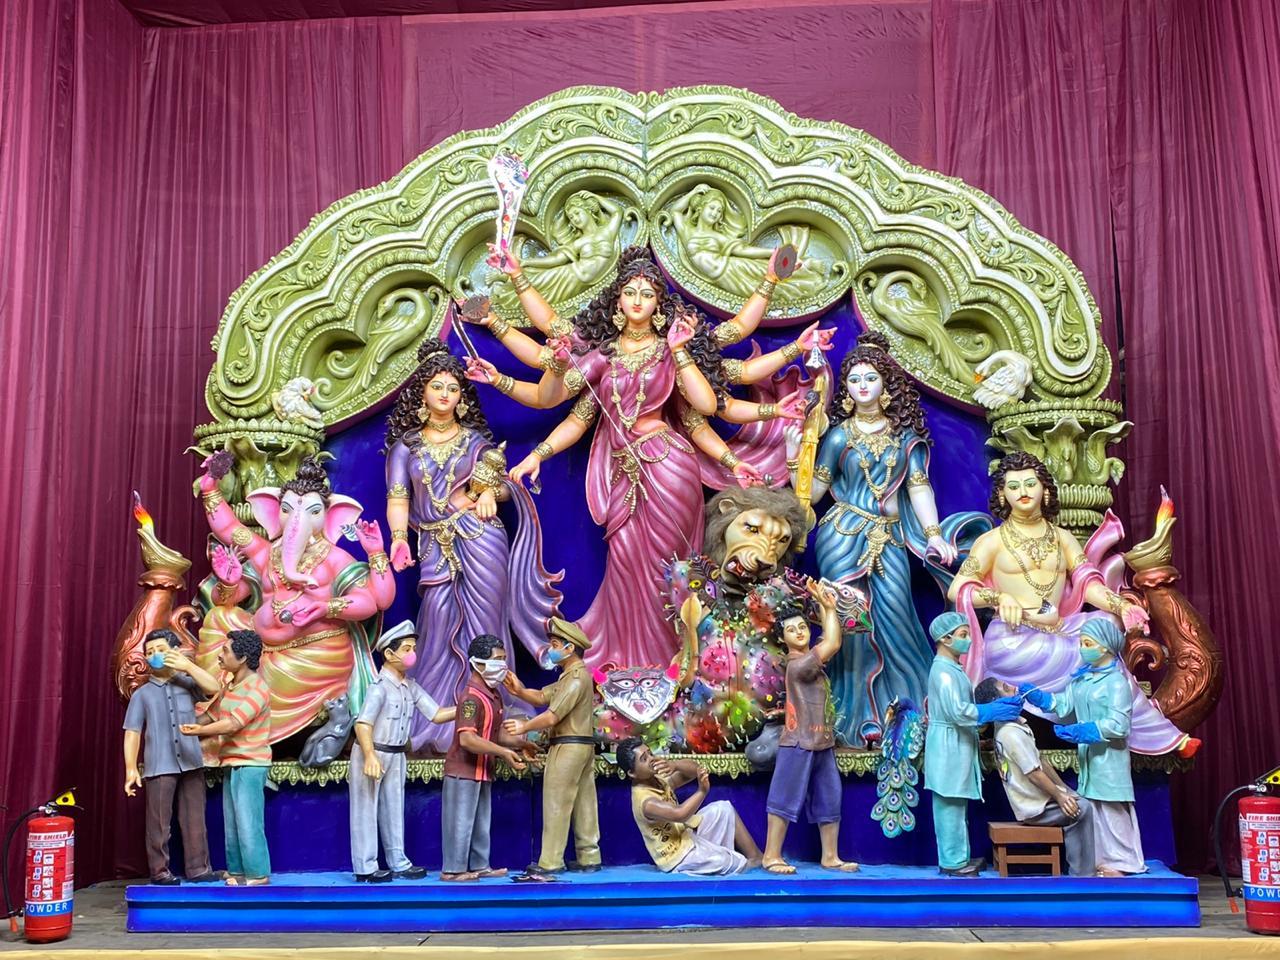 एमडीअली पार्क पूजा पंडाल में मां दुर्गा कोरोनावायरस महामारी रूपी राक्षस का संहार करती नजर आईं हैं। वहीं इस संकट में डॉक्टर, पुलिस और सफाई कर्मियों के योगदान को सराहा गया है। यहां पुलिस लोगों को मास्क पहनने को लेकर सचेत कर रहे हैं।